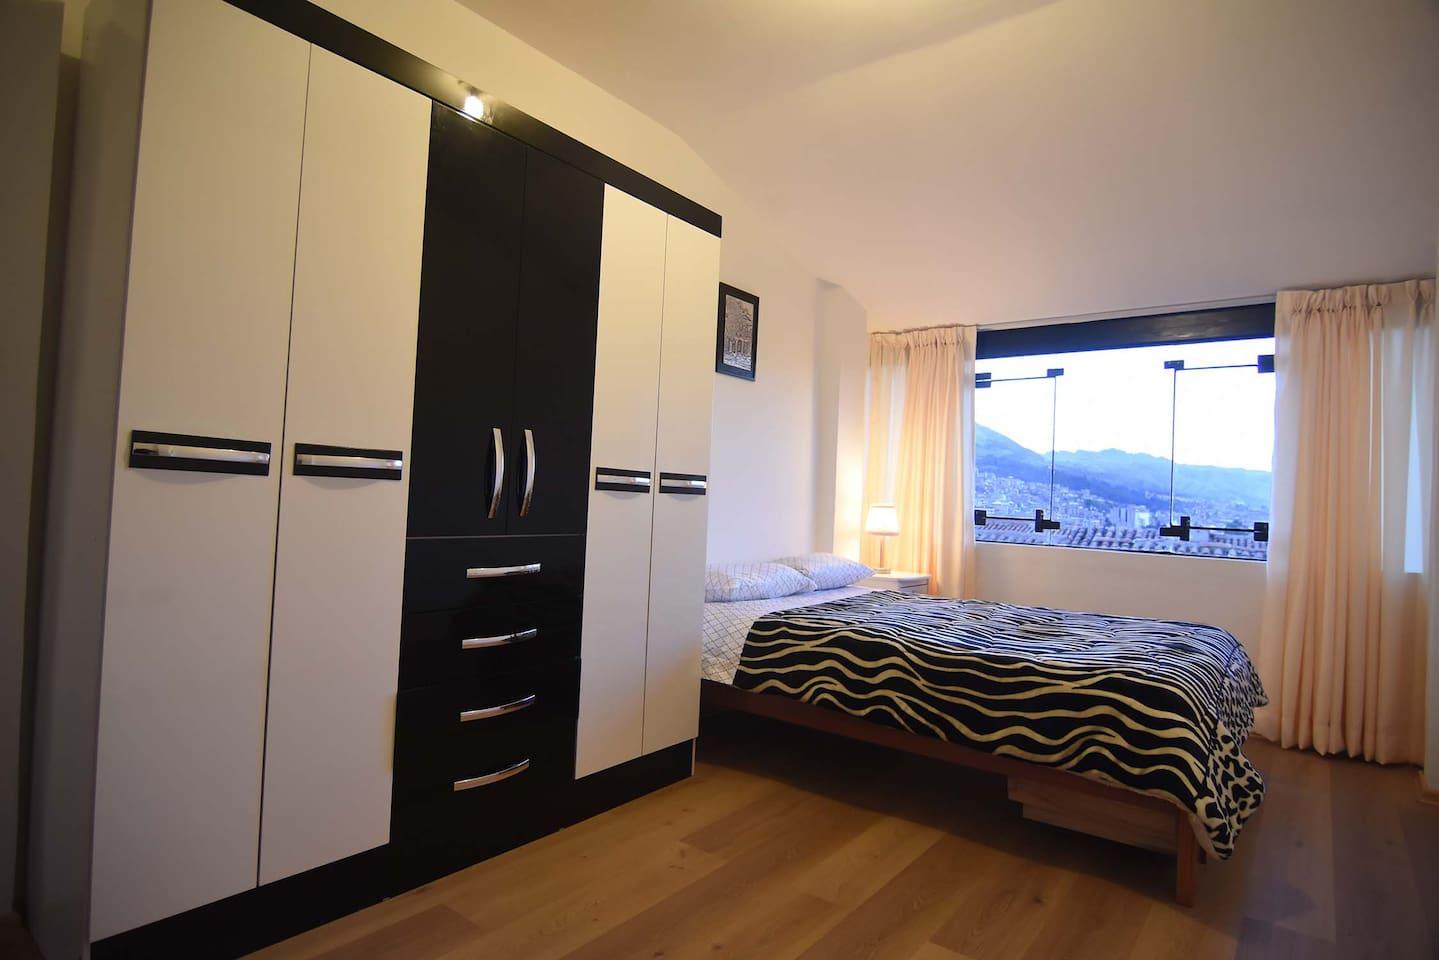 La habitación principal